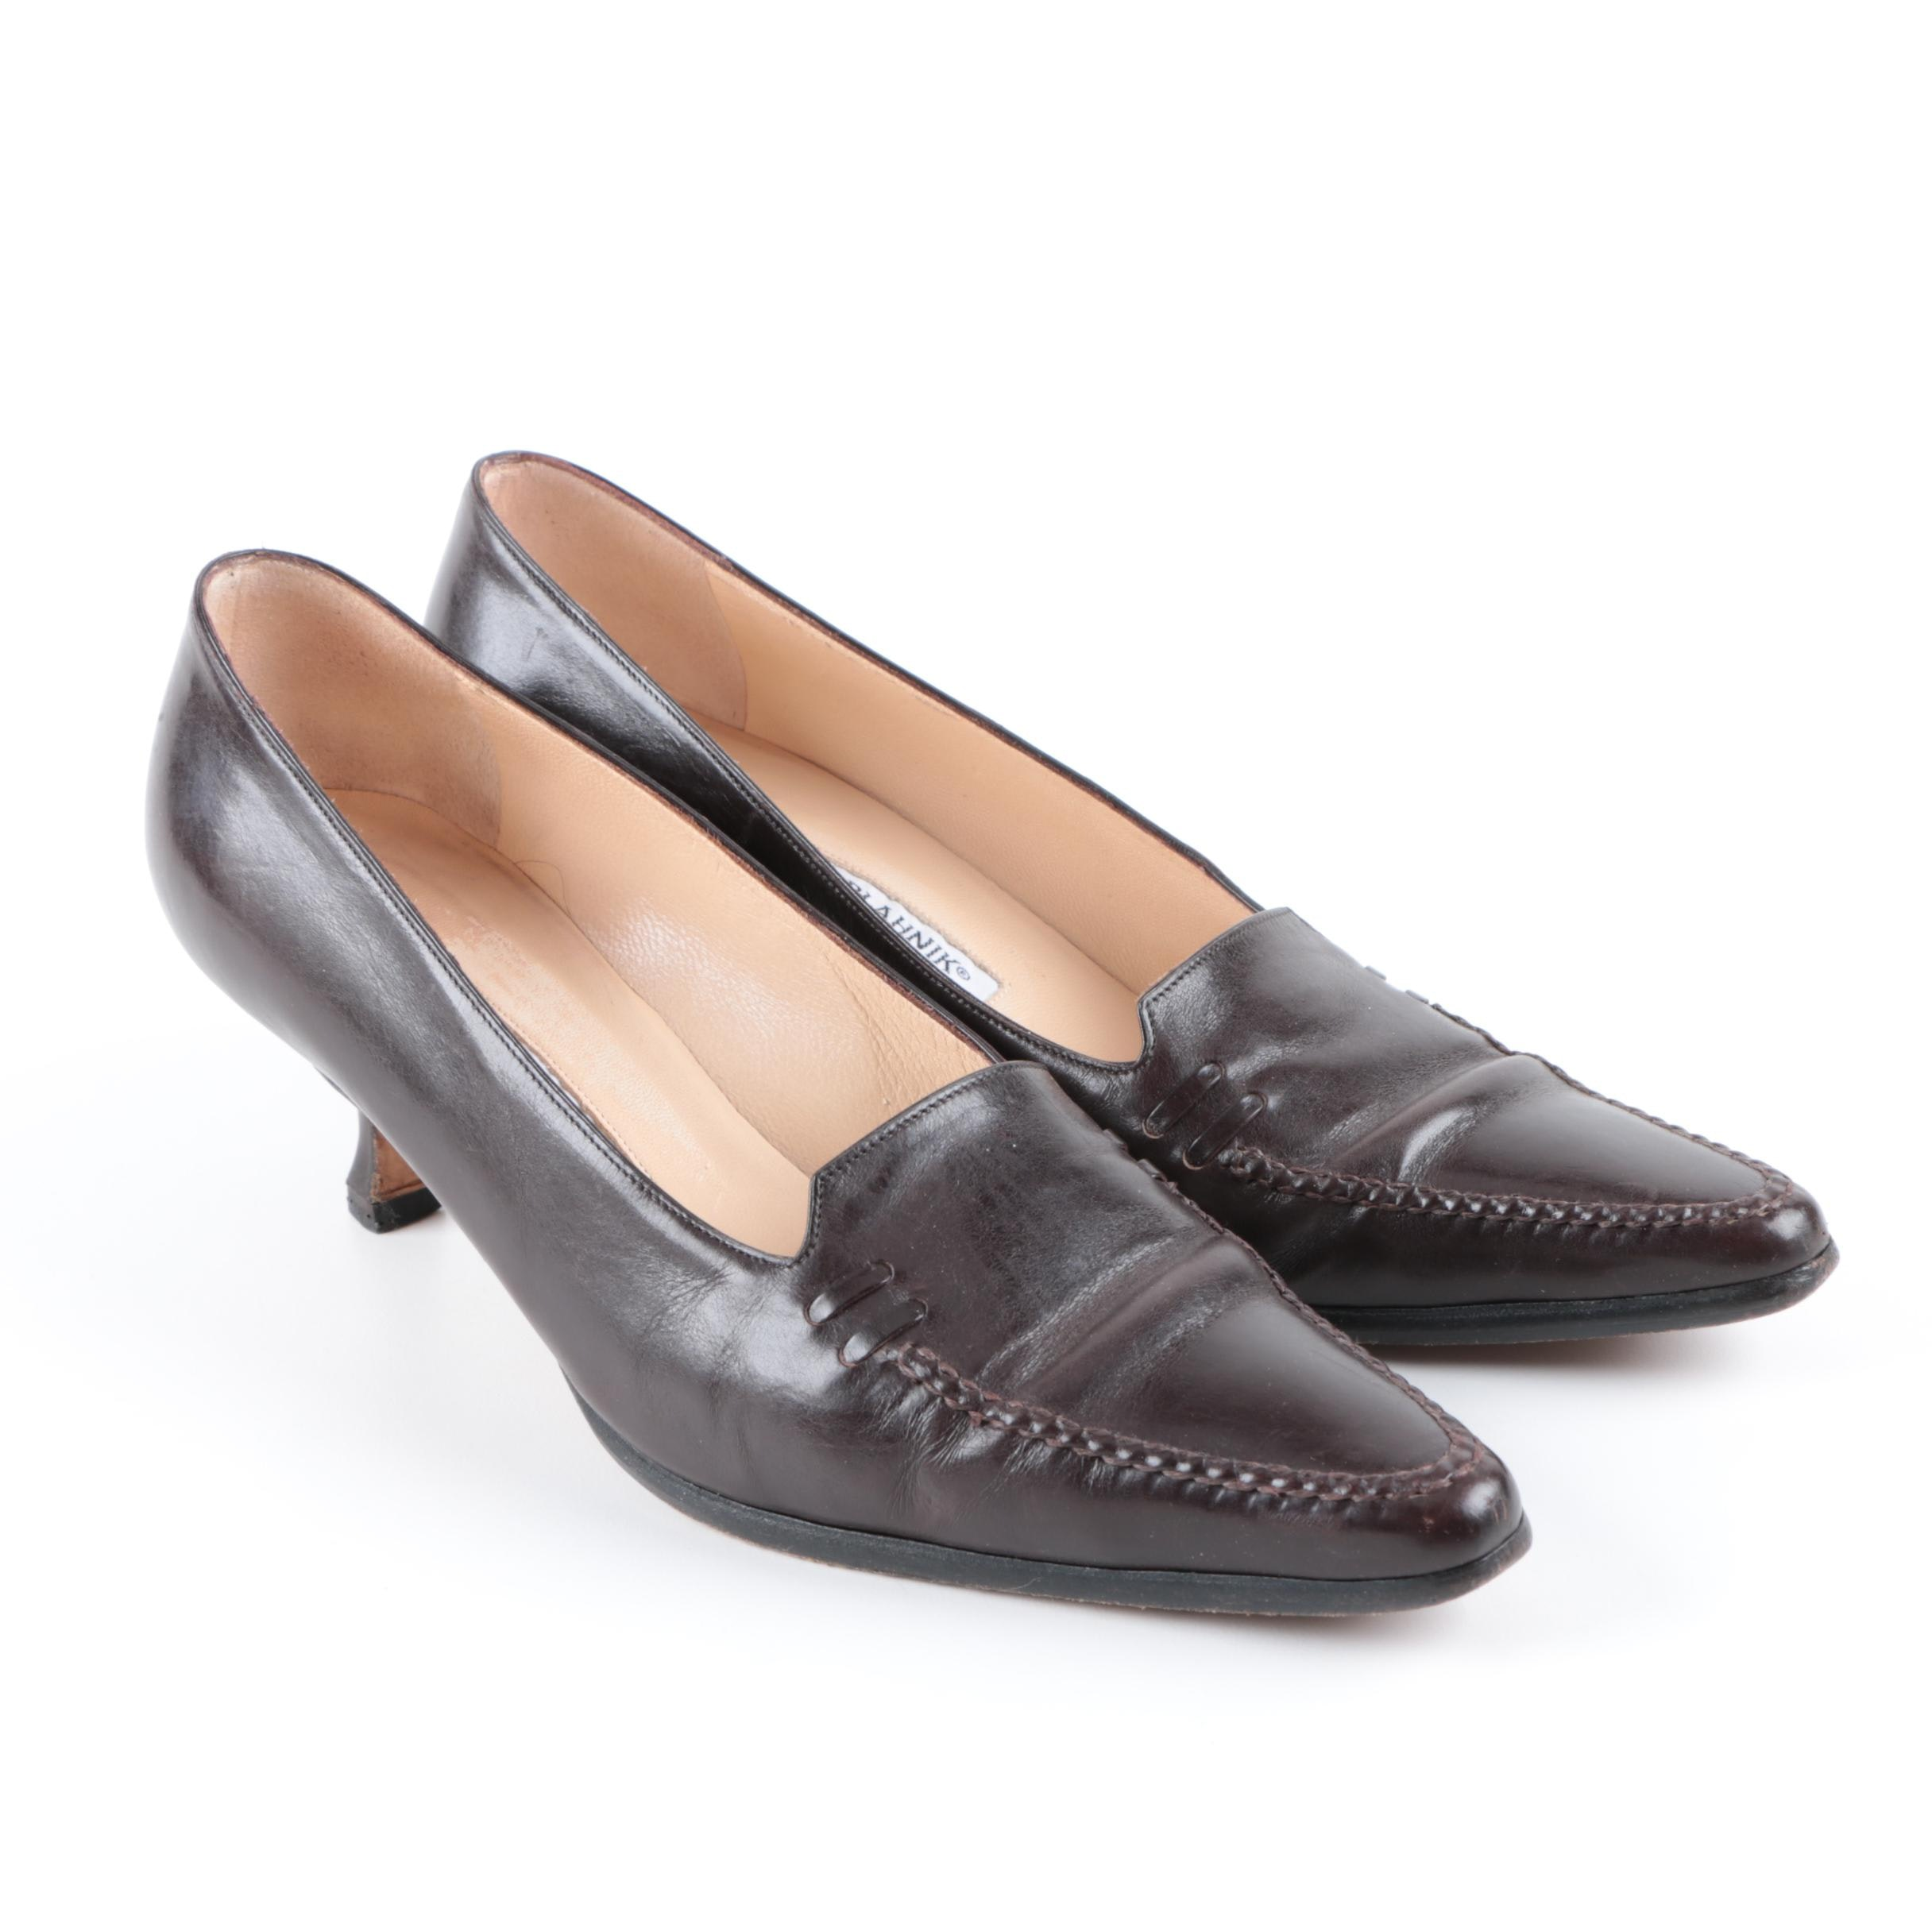 Women's Manolo Blahnik Brown Leather Kitten Heels